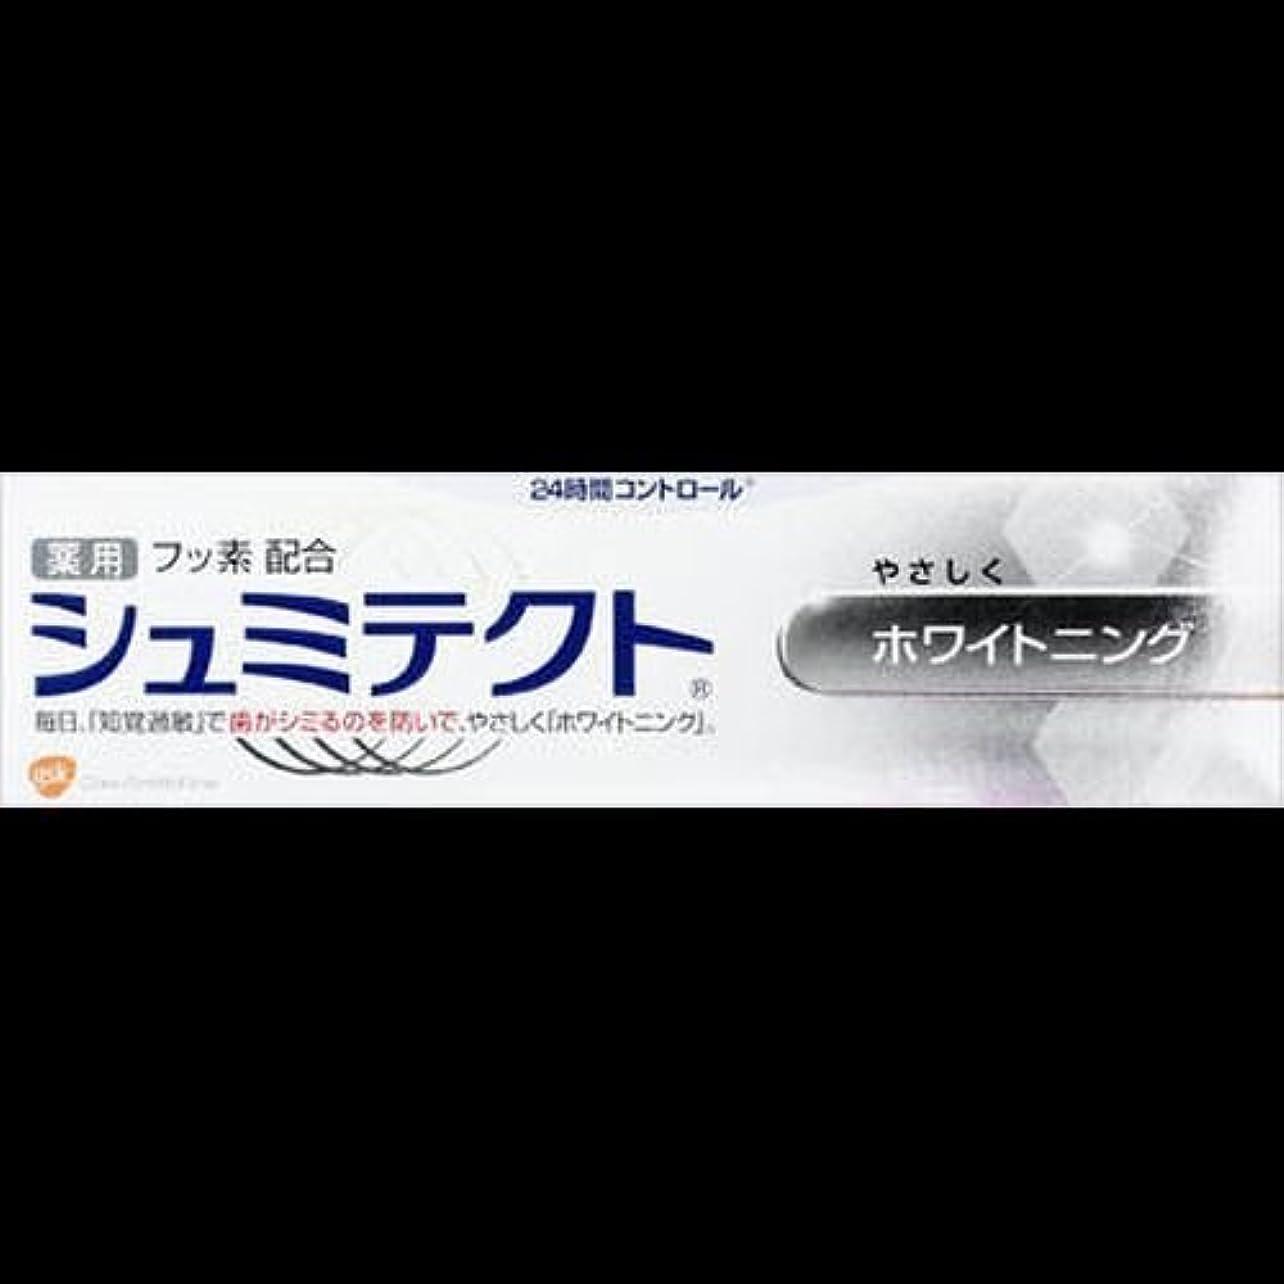 質素な装備する二度【まとめ買い】薬用シュミテクト ホワイトニング 90g ×2セット